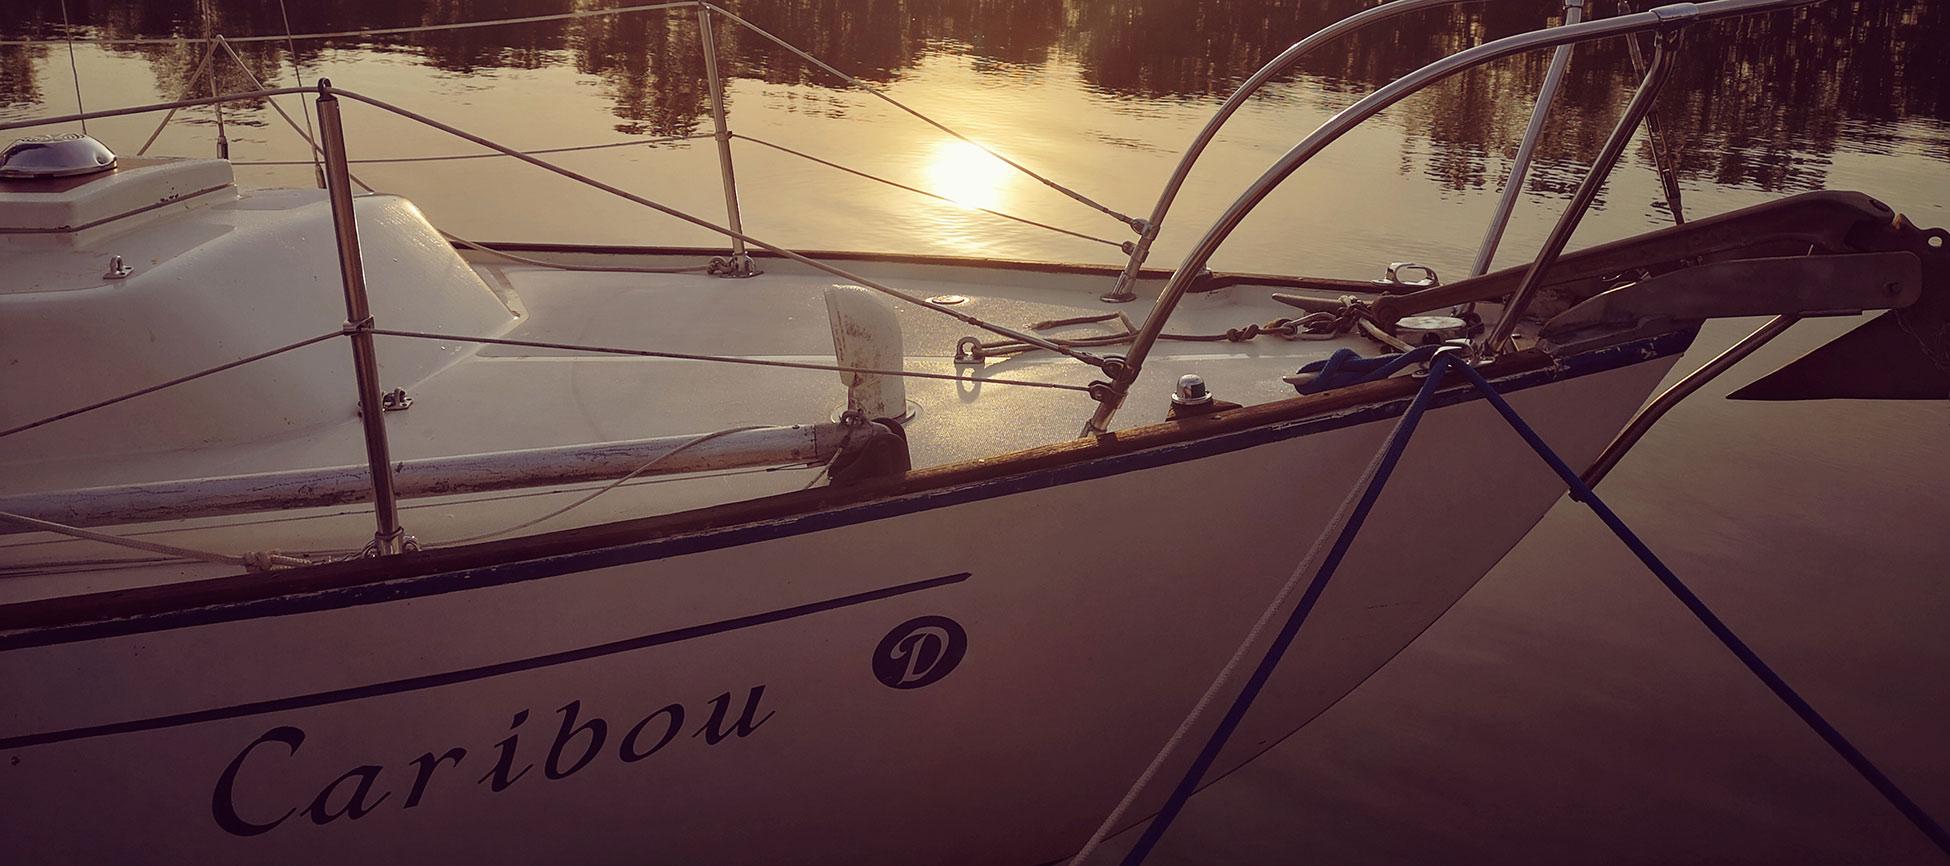 Comment changer le nøm de søn bateau